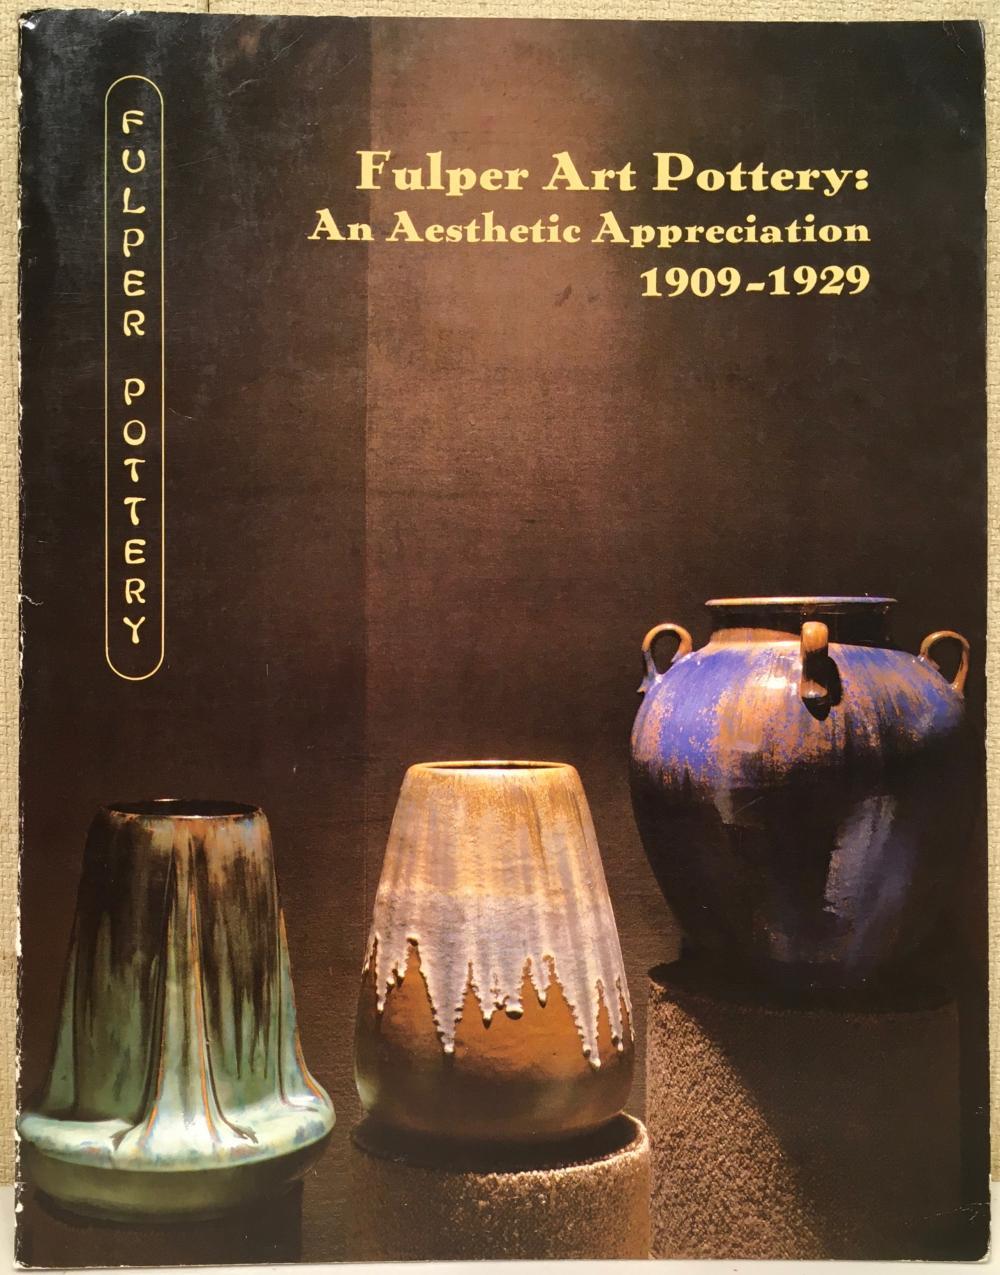 Fulper Art Pottery: An Aesthetic Appreciation 1909-1929 by Robert Blasberg and Carol Bohdan